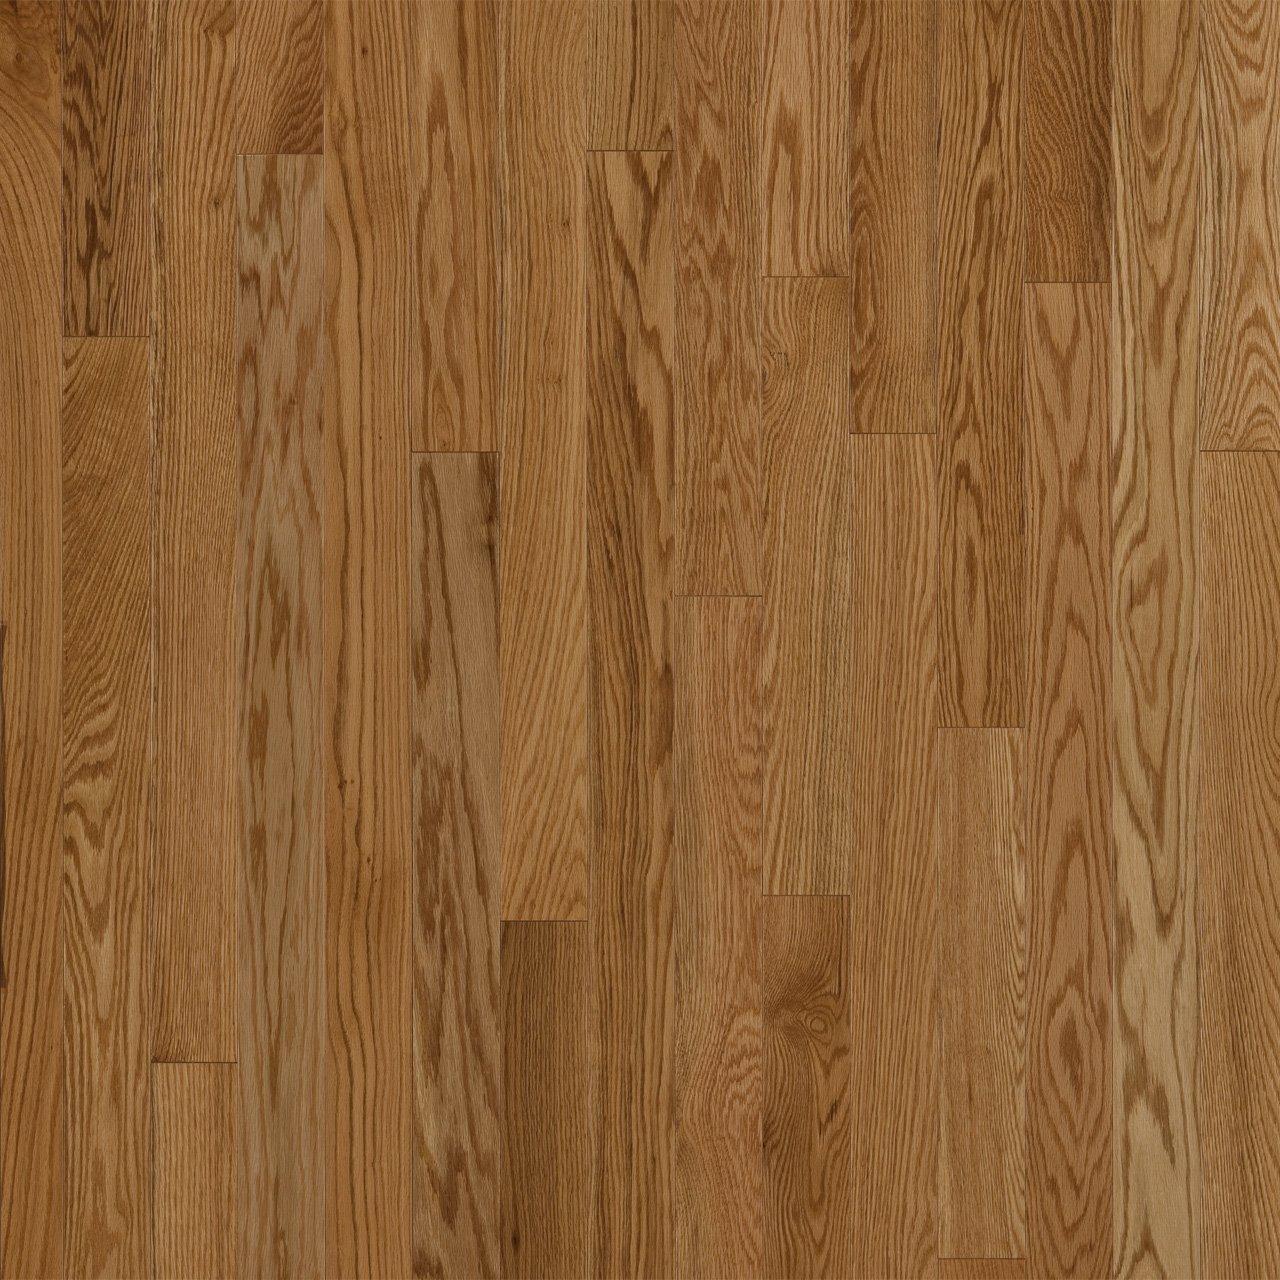 Preverco Flooring Cost Carpet Vidalondon